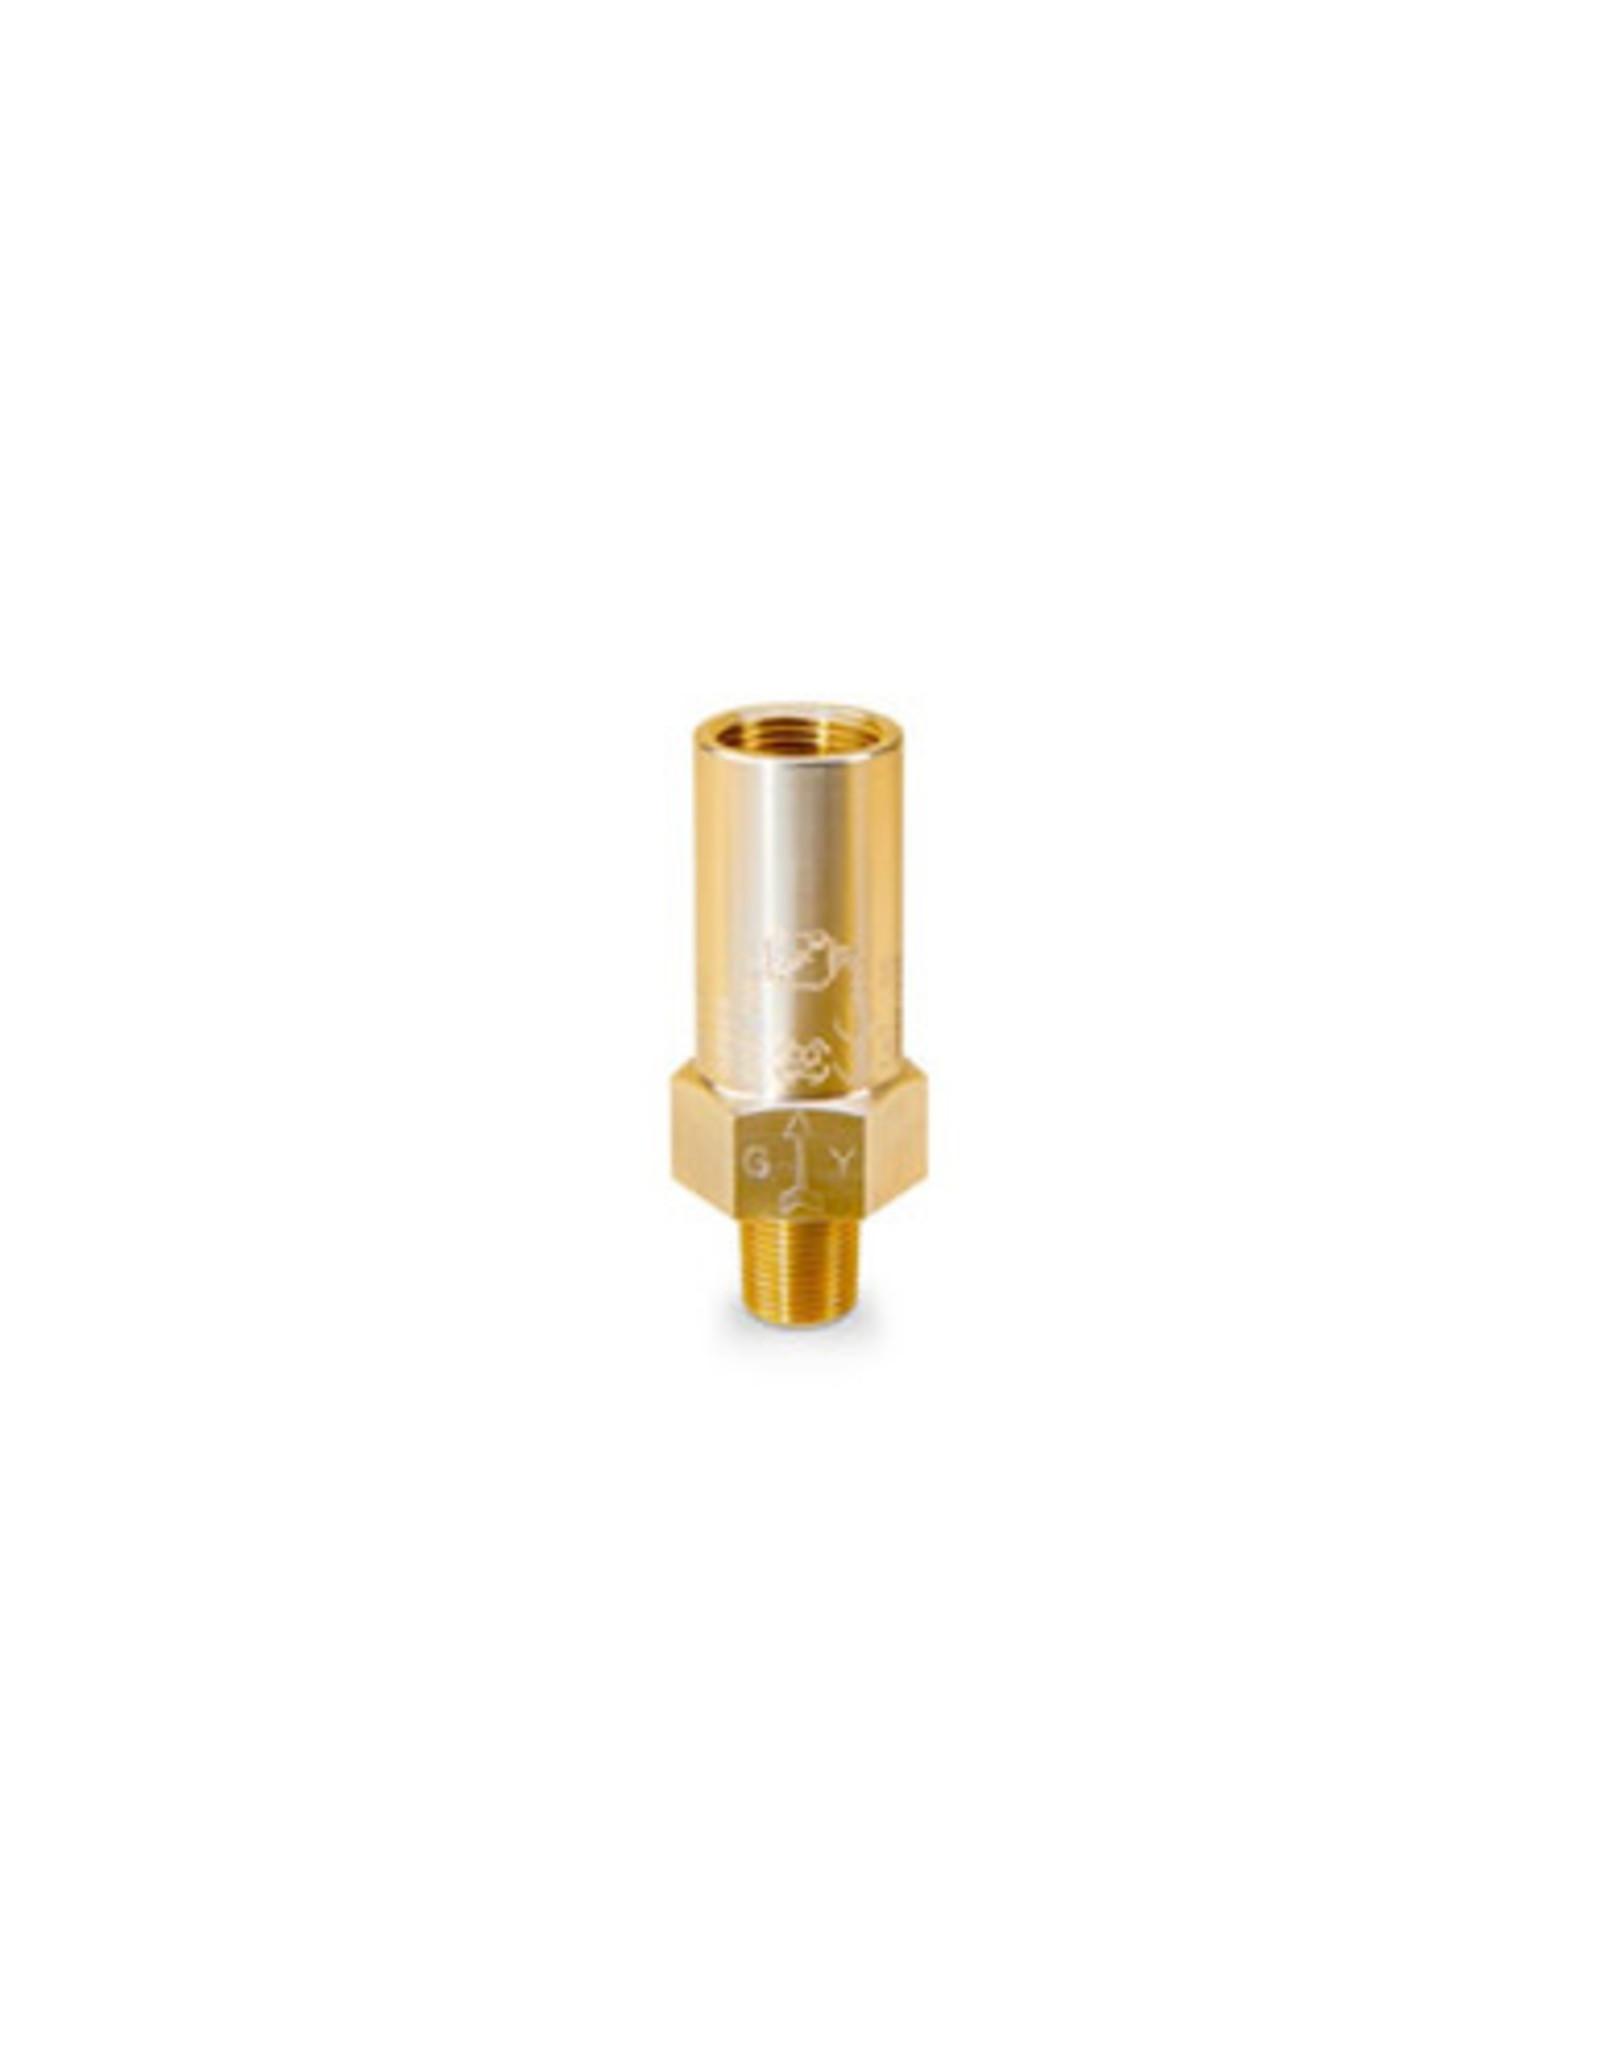 Superior HVACR Atmospheric Pressure Relief Valves - Types 3000, 3001, 3002